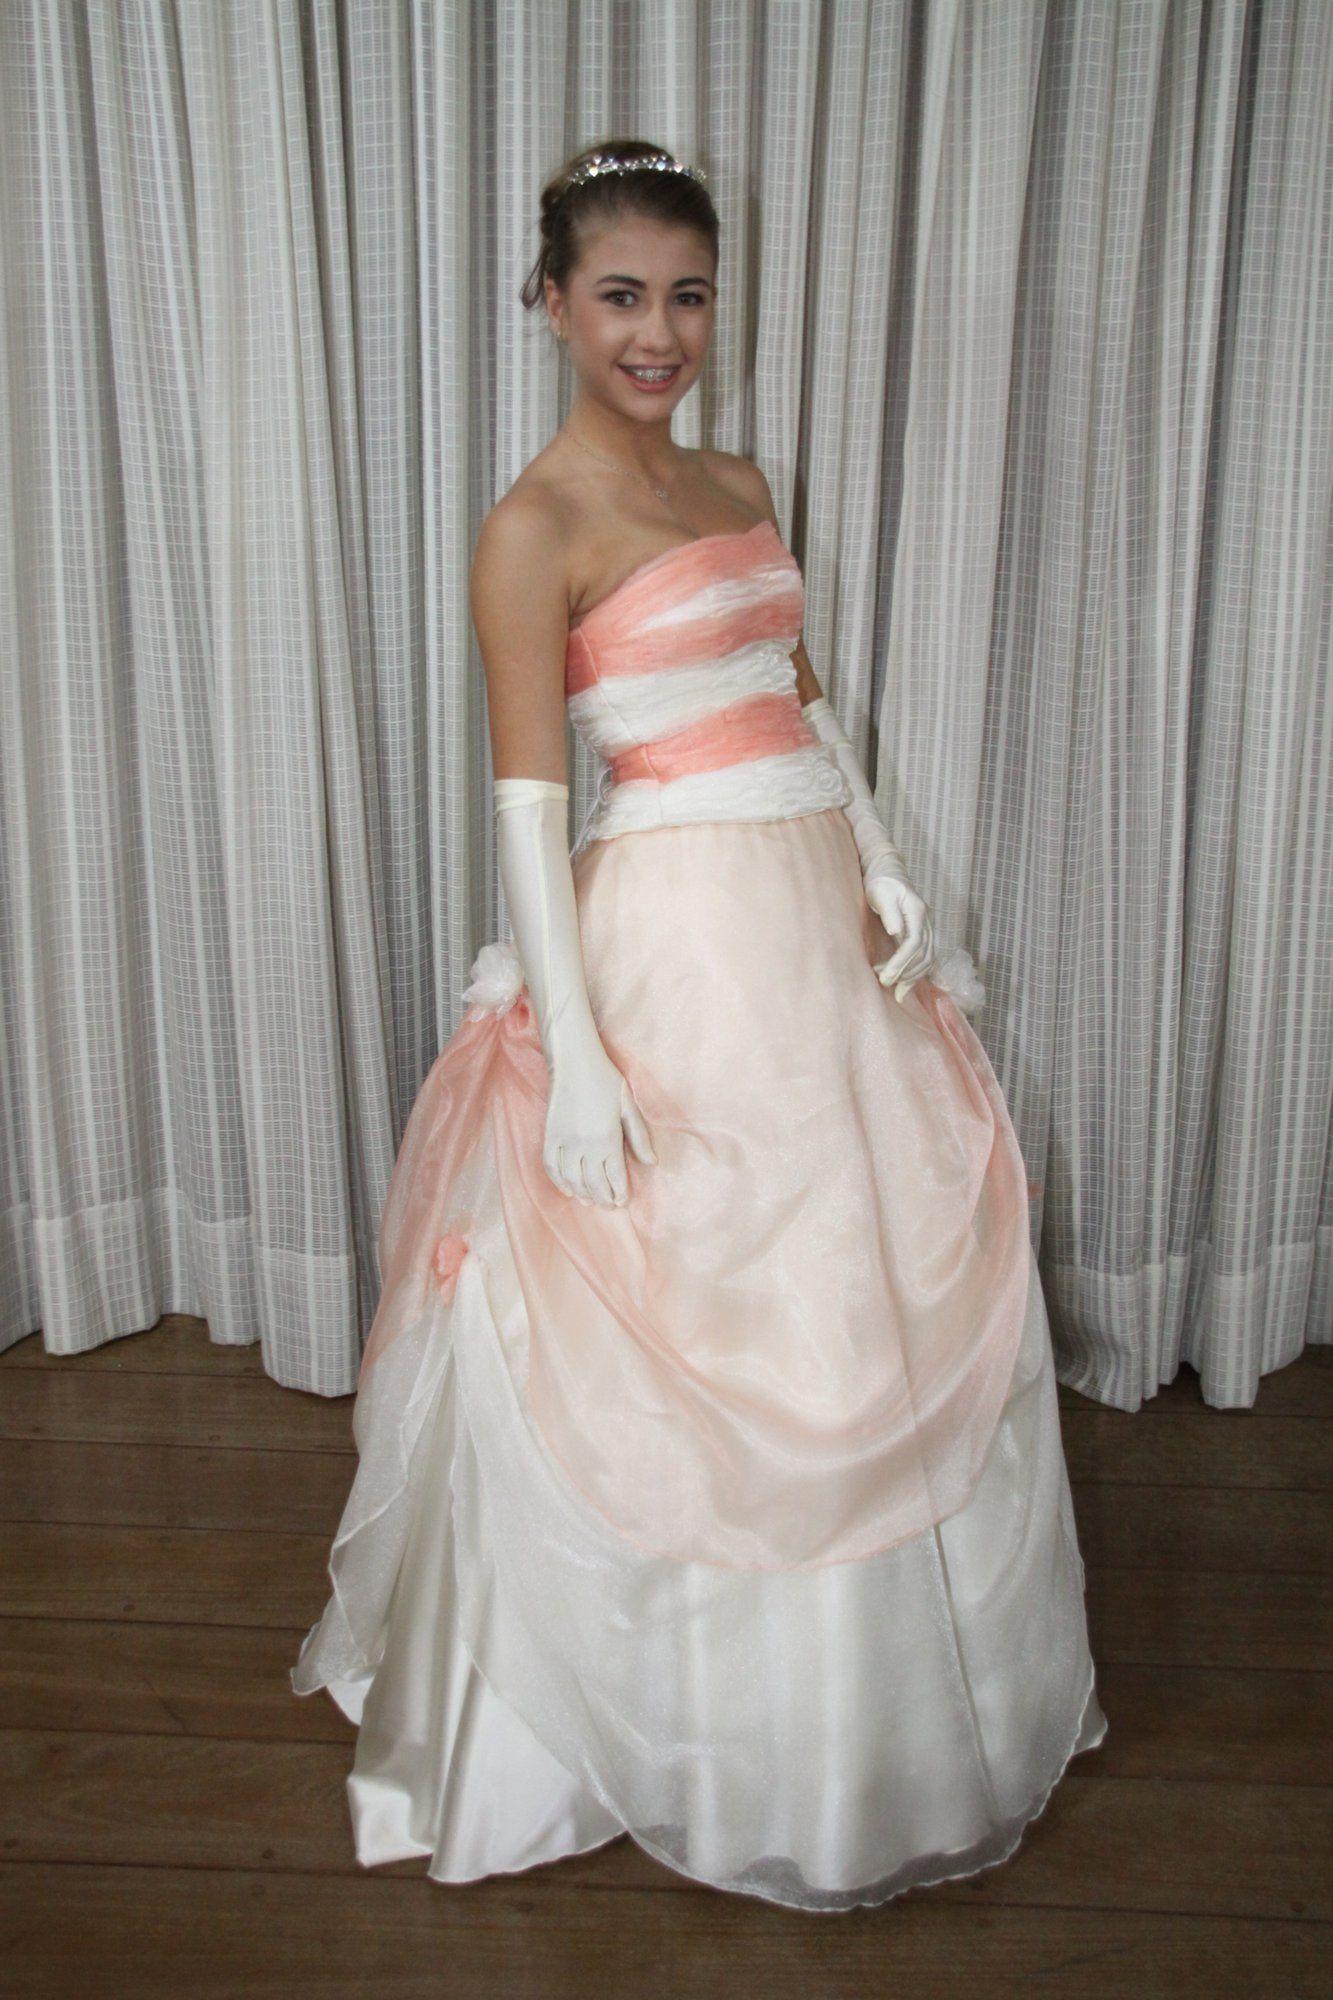 Vestido de Debutante Marfim e Ouro - 1 - Hipnose Alta Costura e Spa para Noivas e Noivos - Campinas - SP Vestido de Debutante, Vestido de Debutante Marfim e Ouro, Hipnose Alta Costura